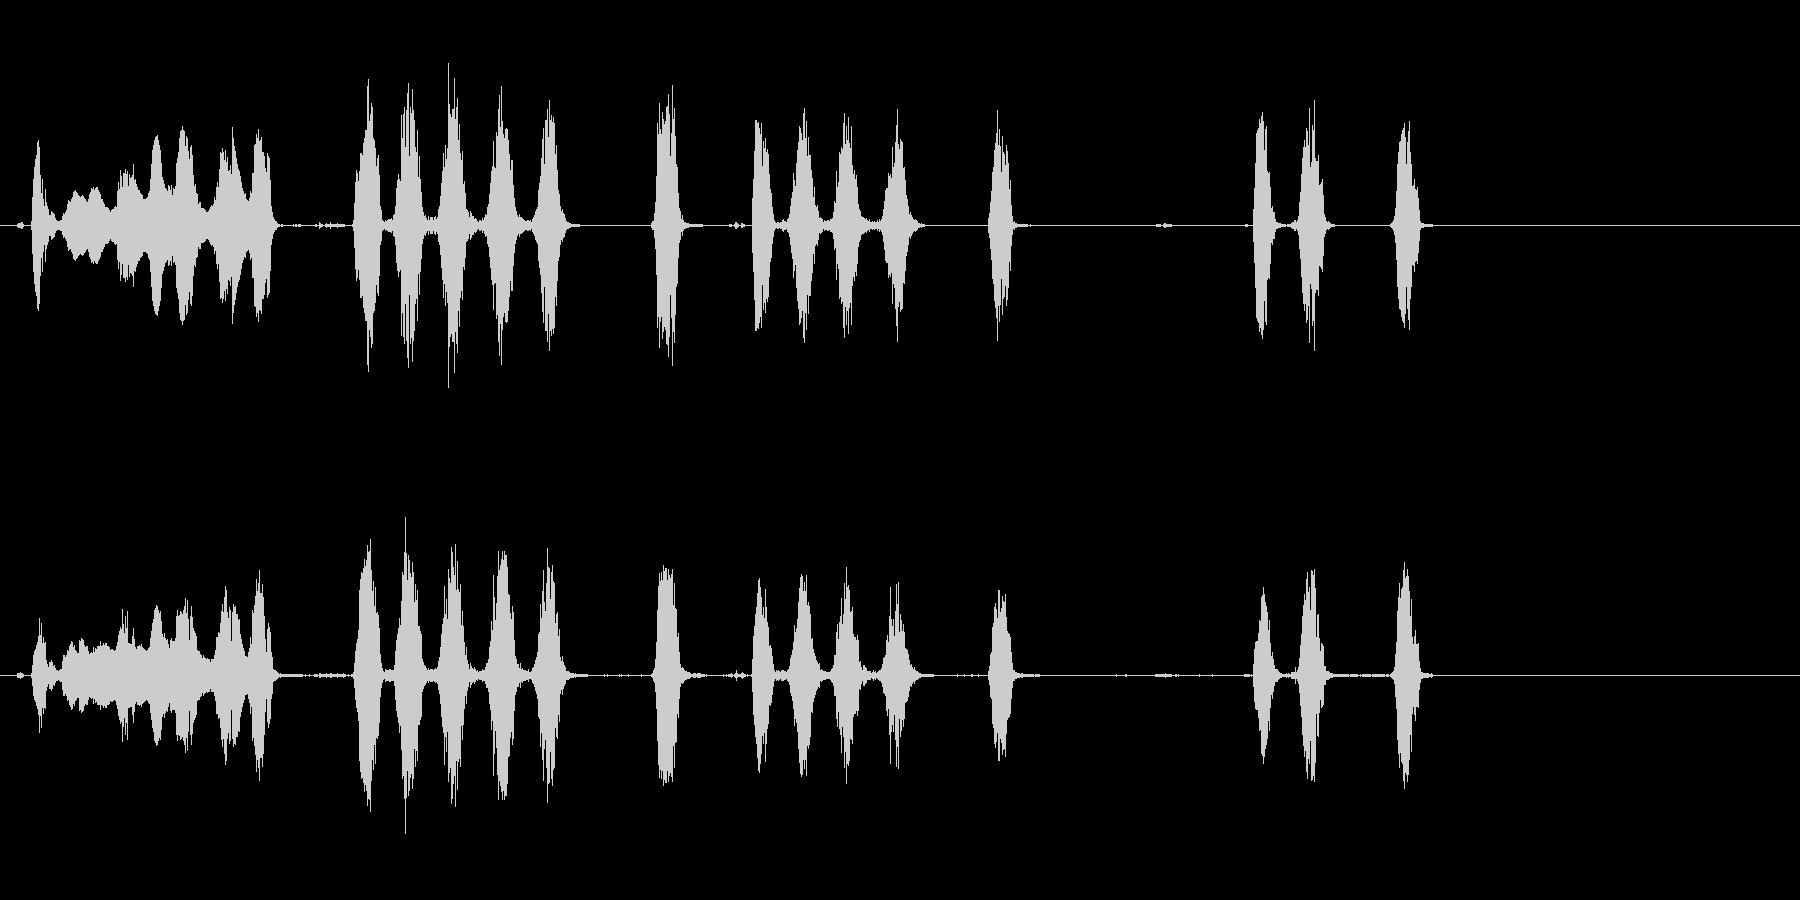 ドッグバーキング1、動物; DIG...の未再生の波形